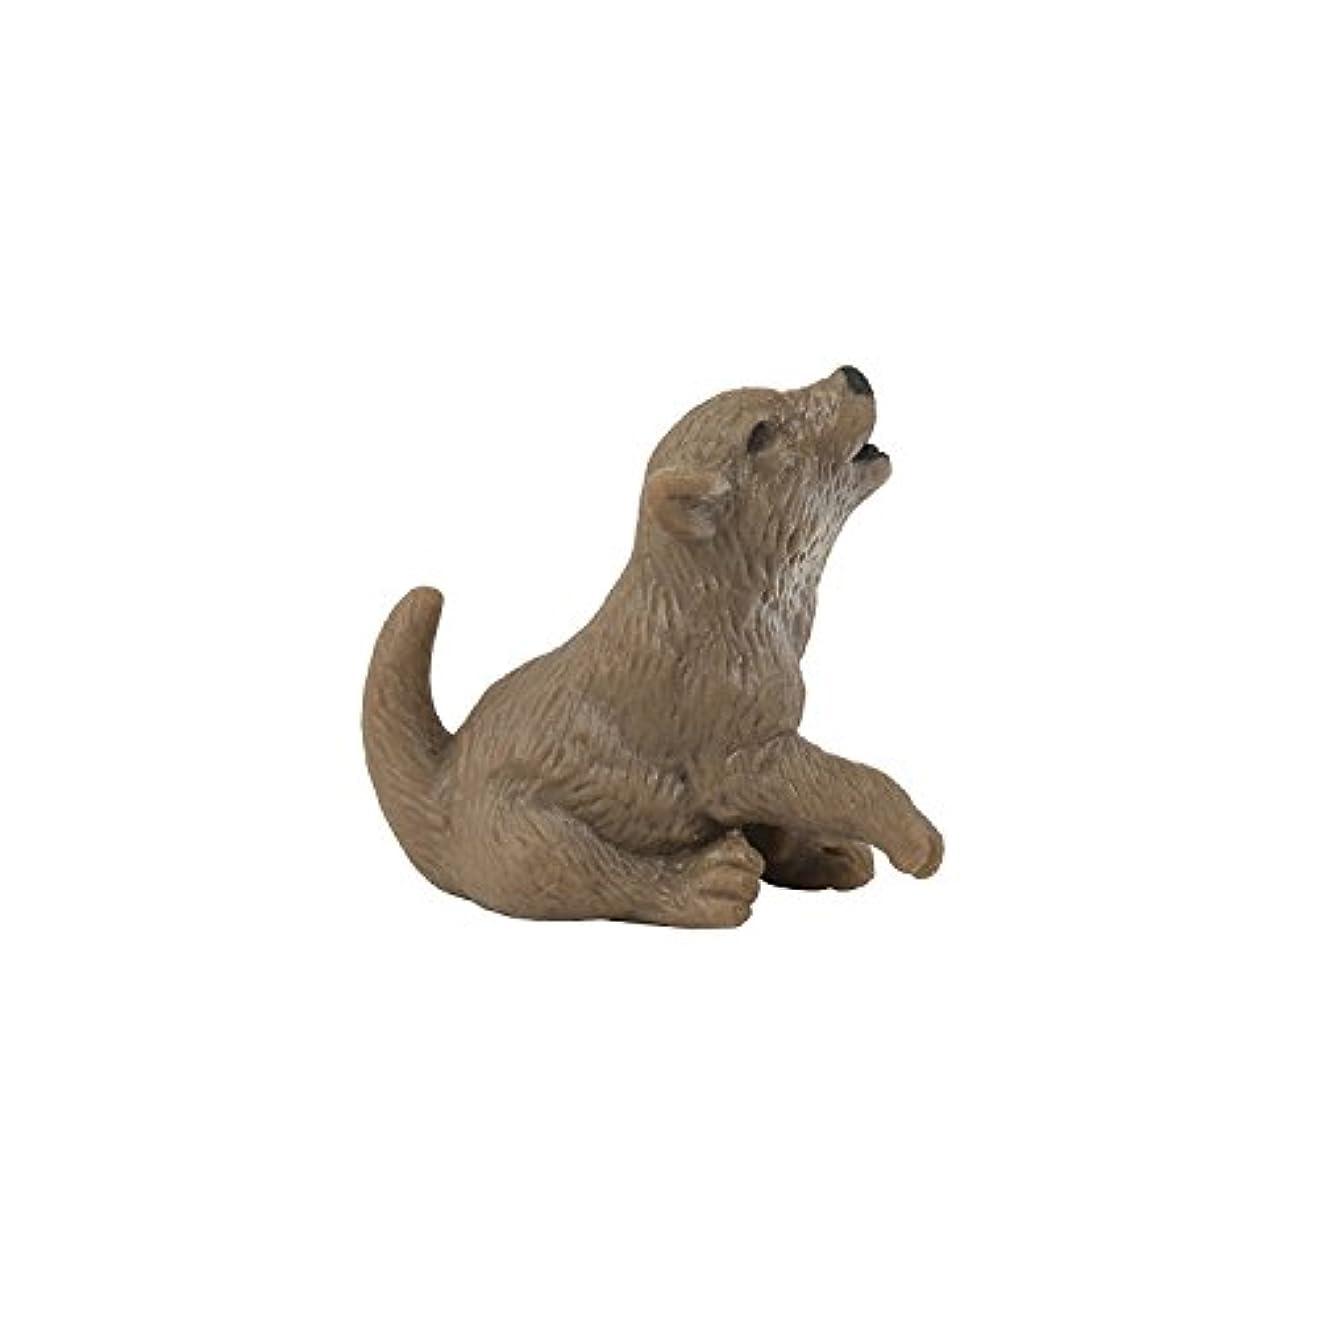 多様体ベーリング海峡母サファリ ミニオオカミ仔 341622